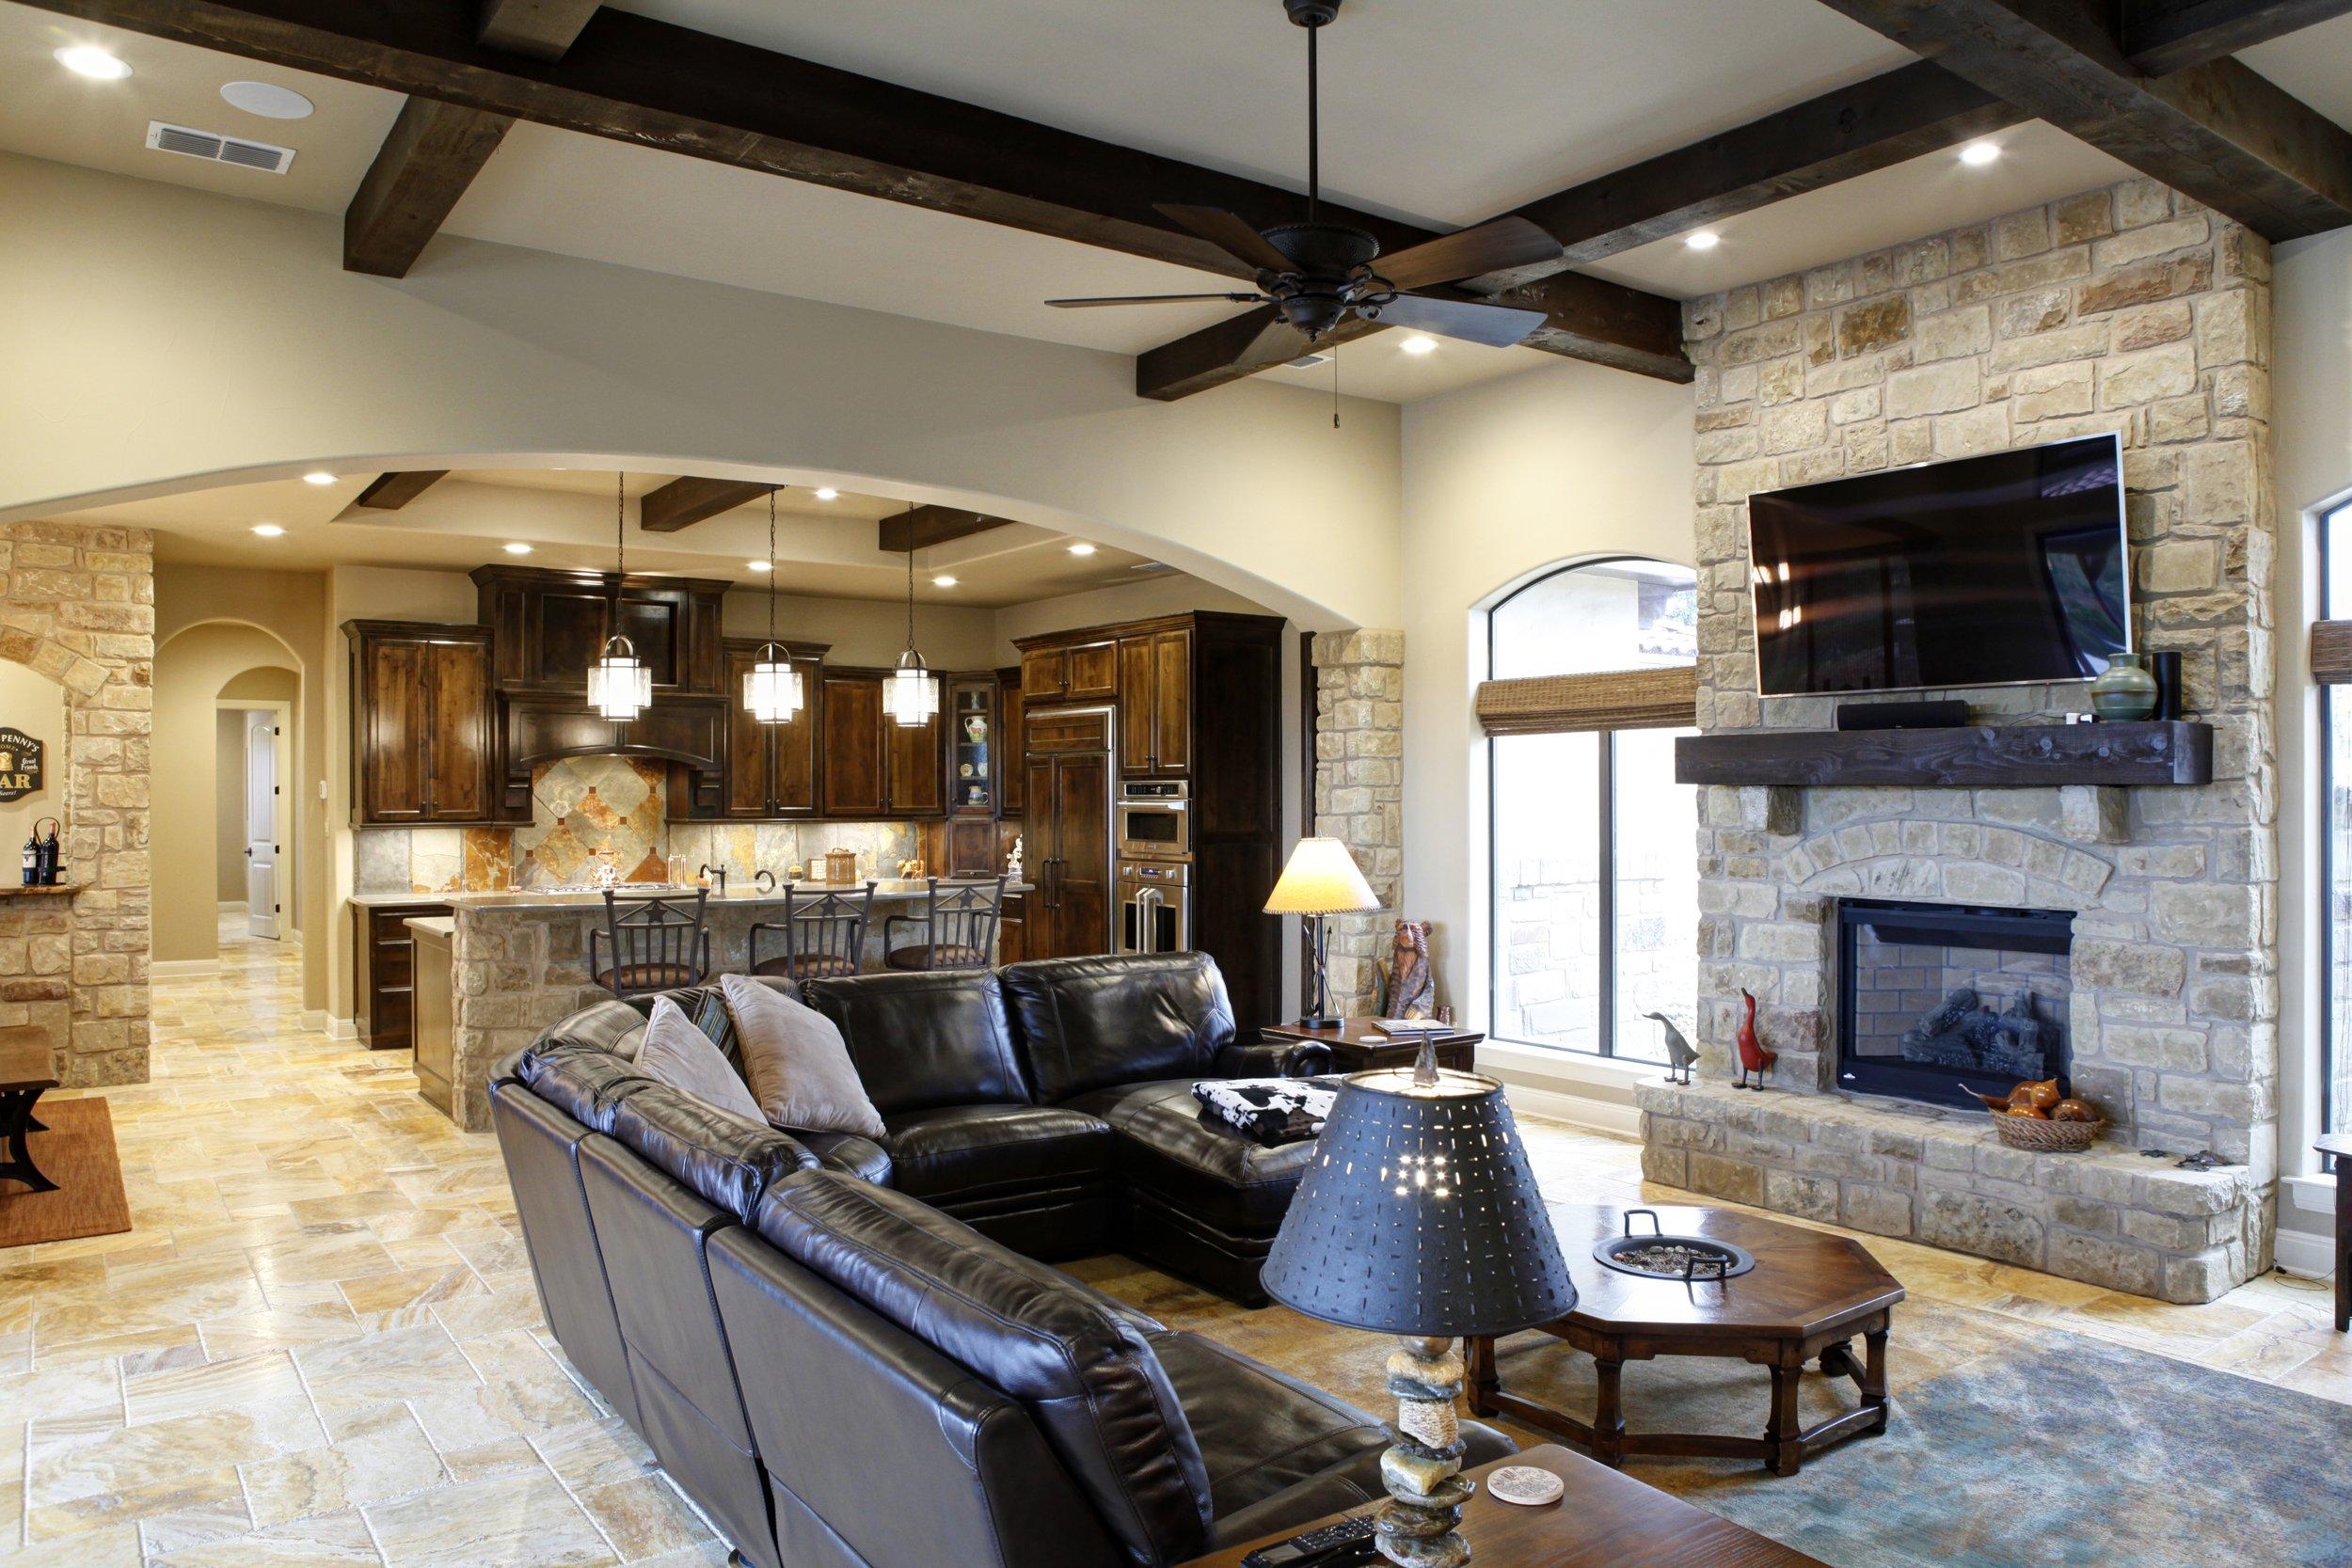 6-living room - 1.jpg